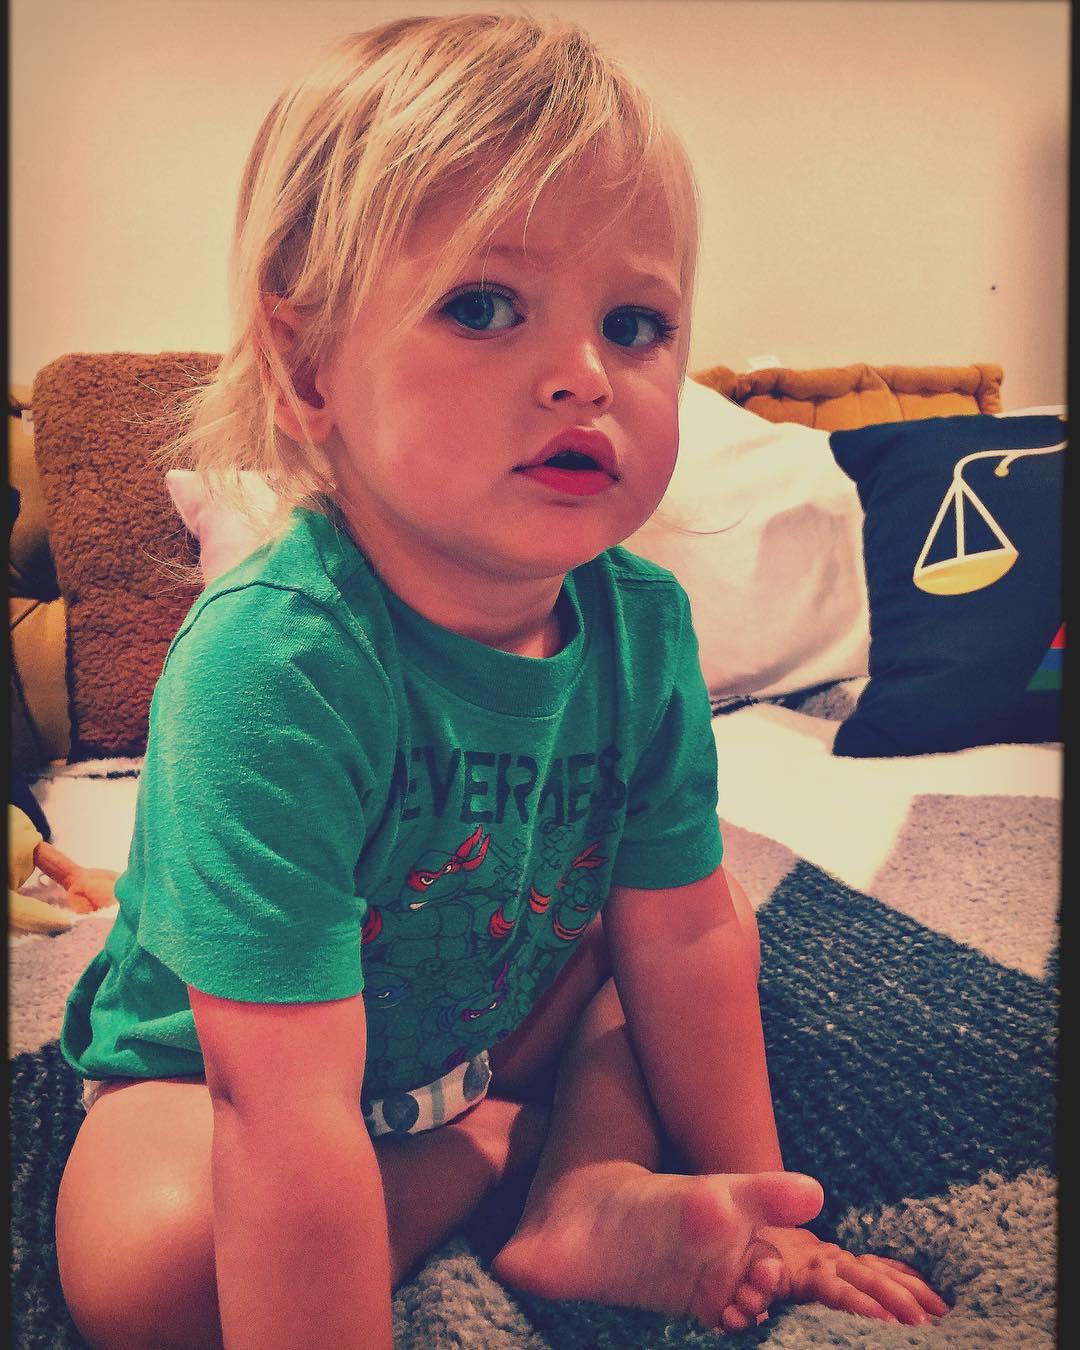 都擁有好基因?10位「大明星的小孩」長相 小辣椒跟女兒完全複製!